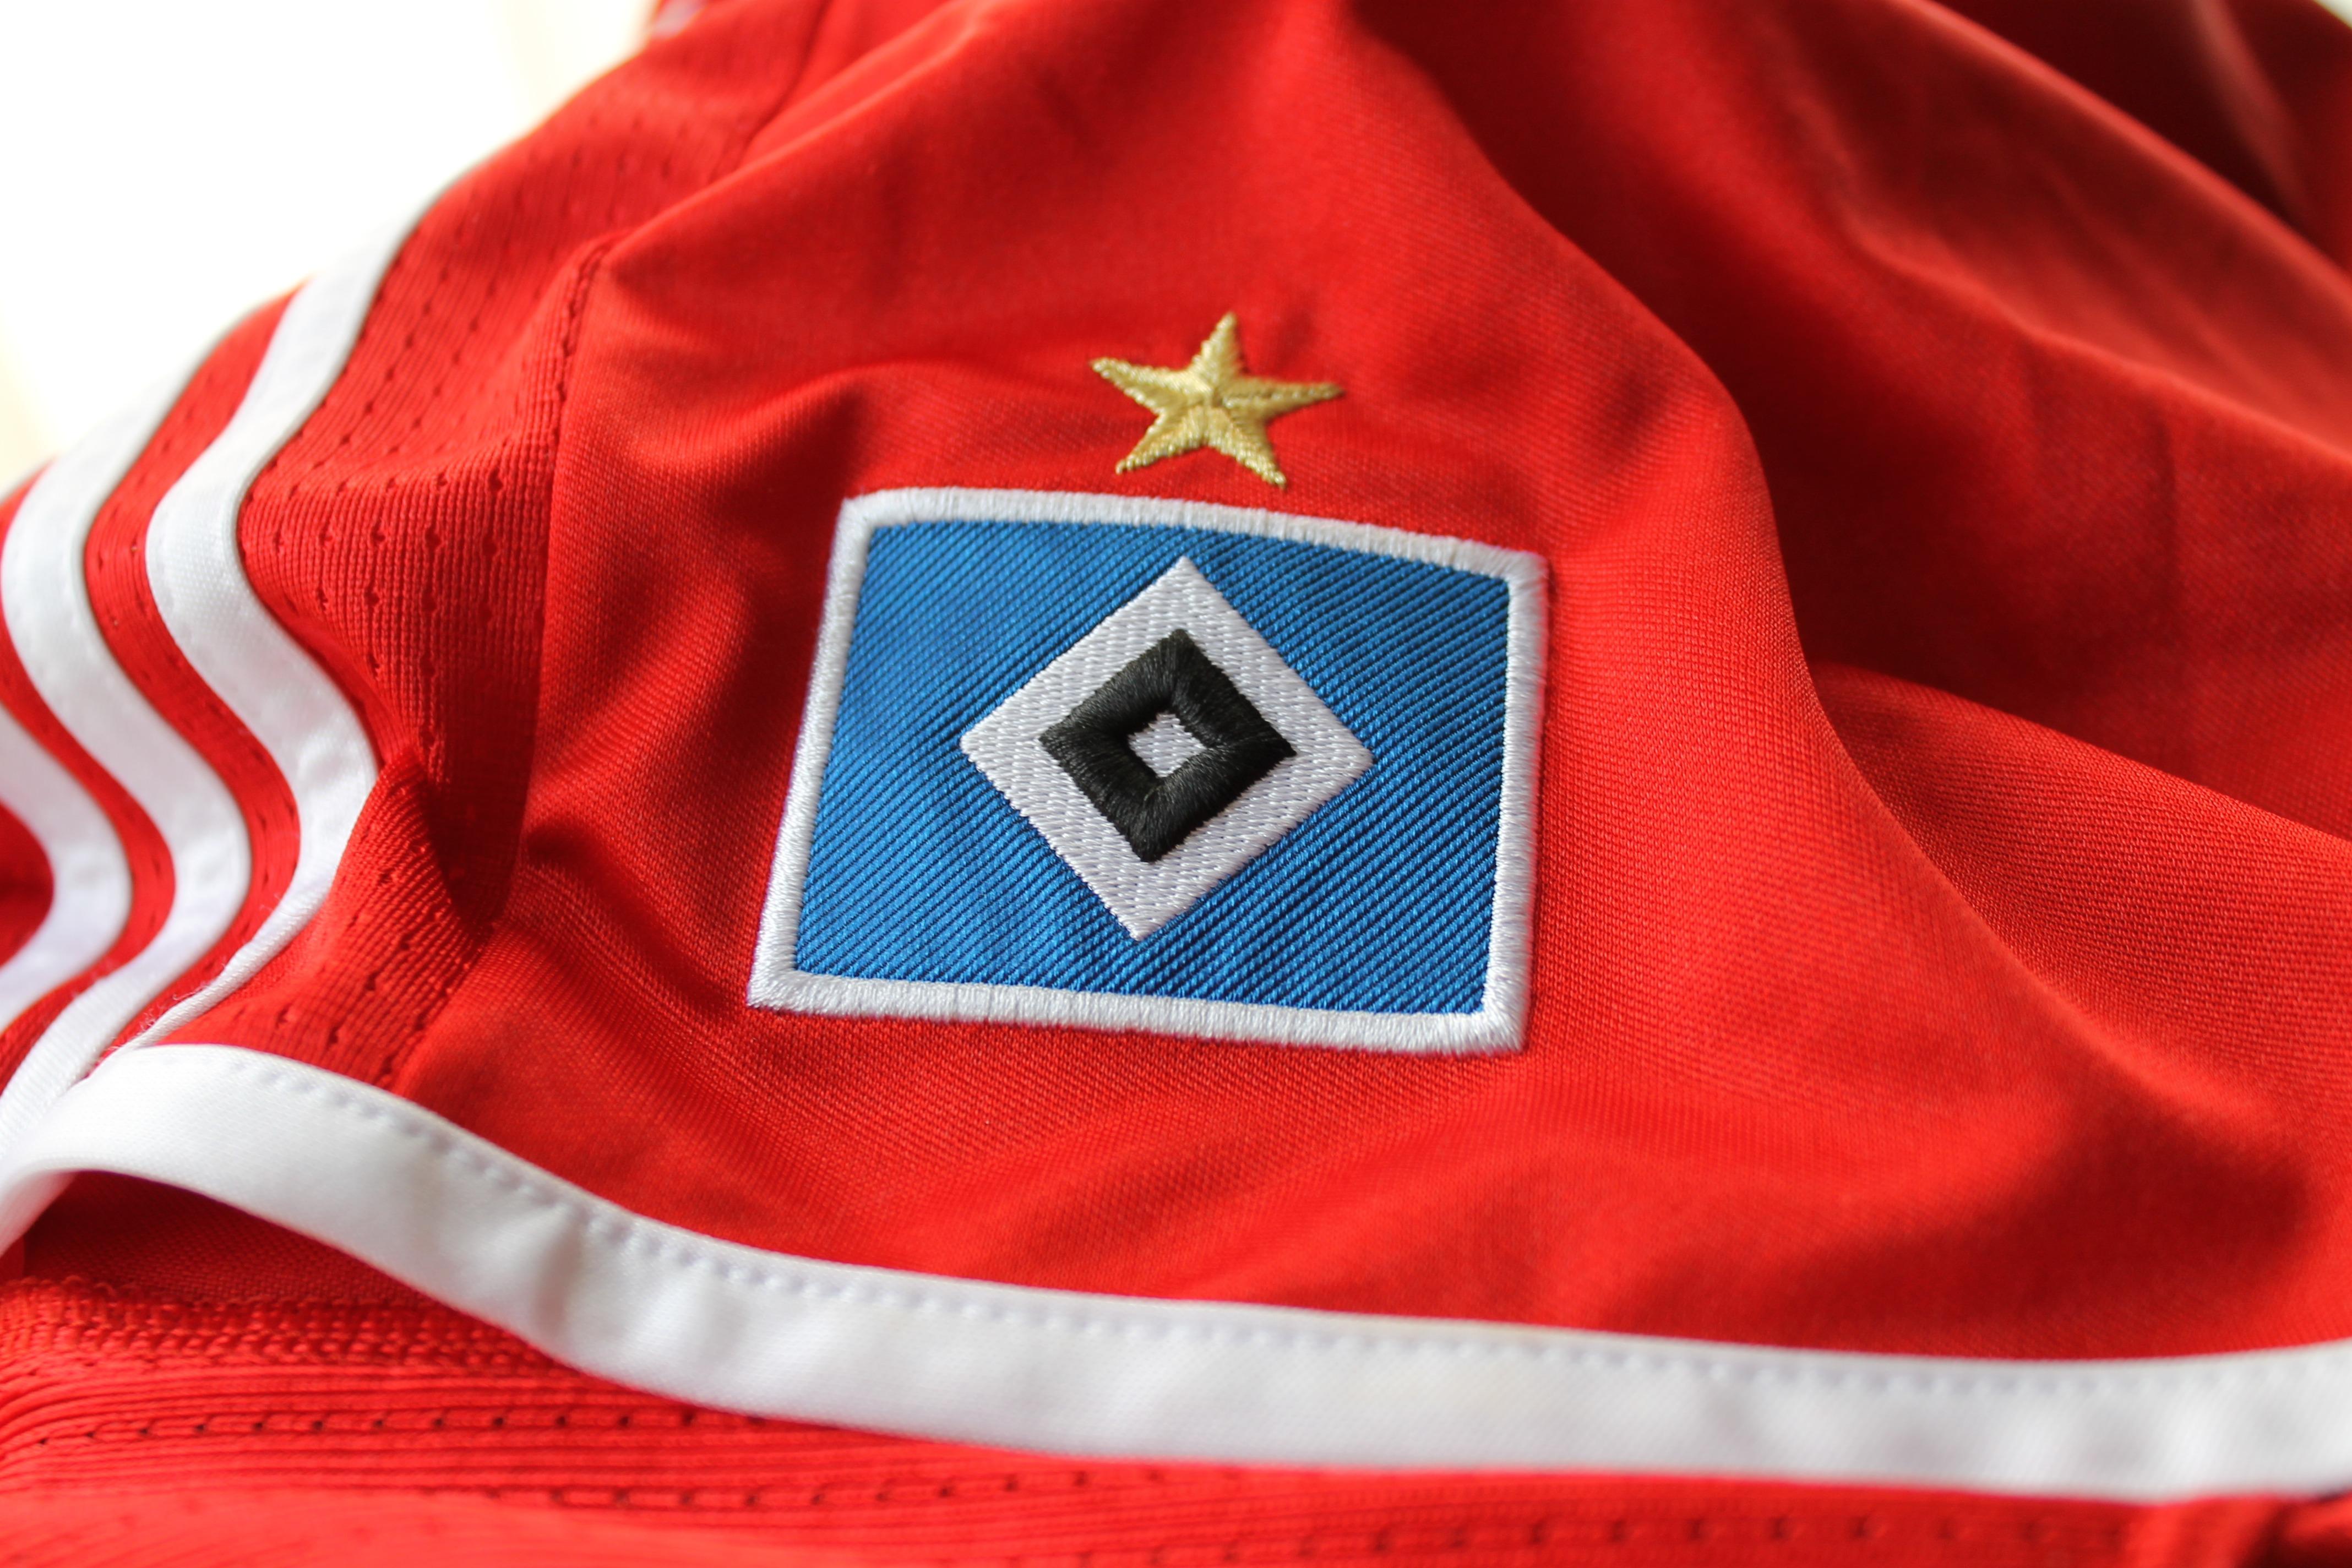 Gambar Pakaian Sepak Bola Hamburg Baju Kaos Olahraga Bendera Amerika Merah Negara Bersatu Hamburger Sv